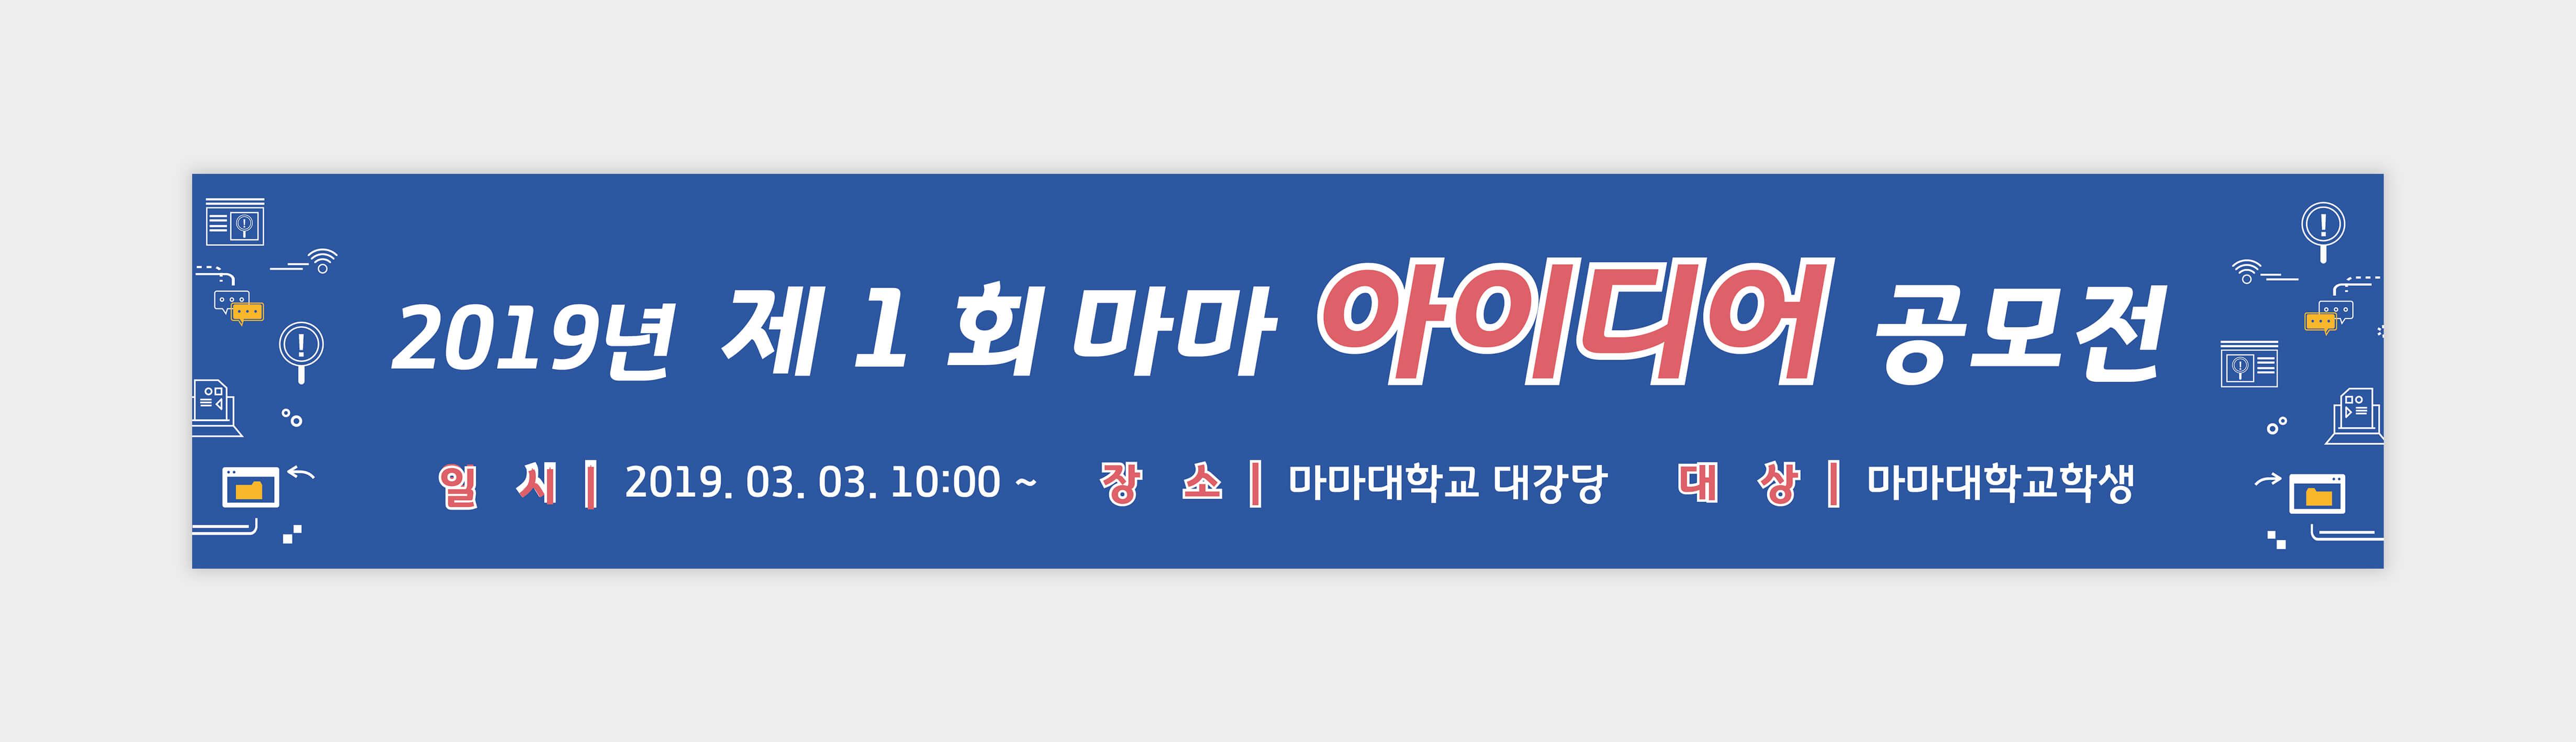 현수막_003